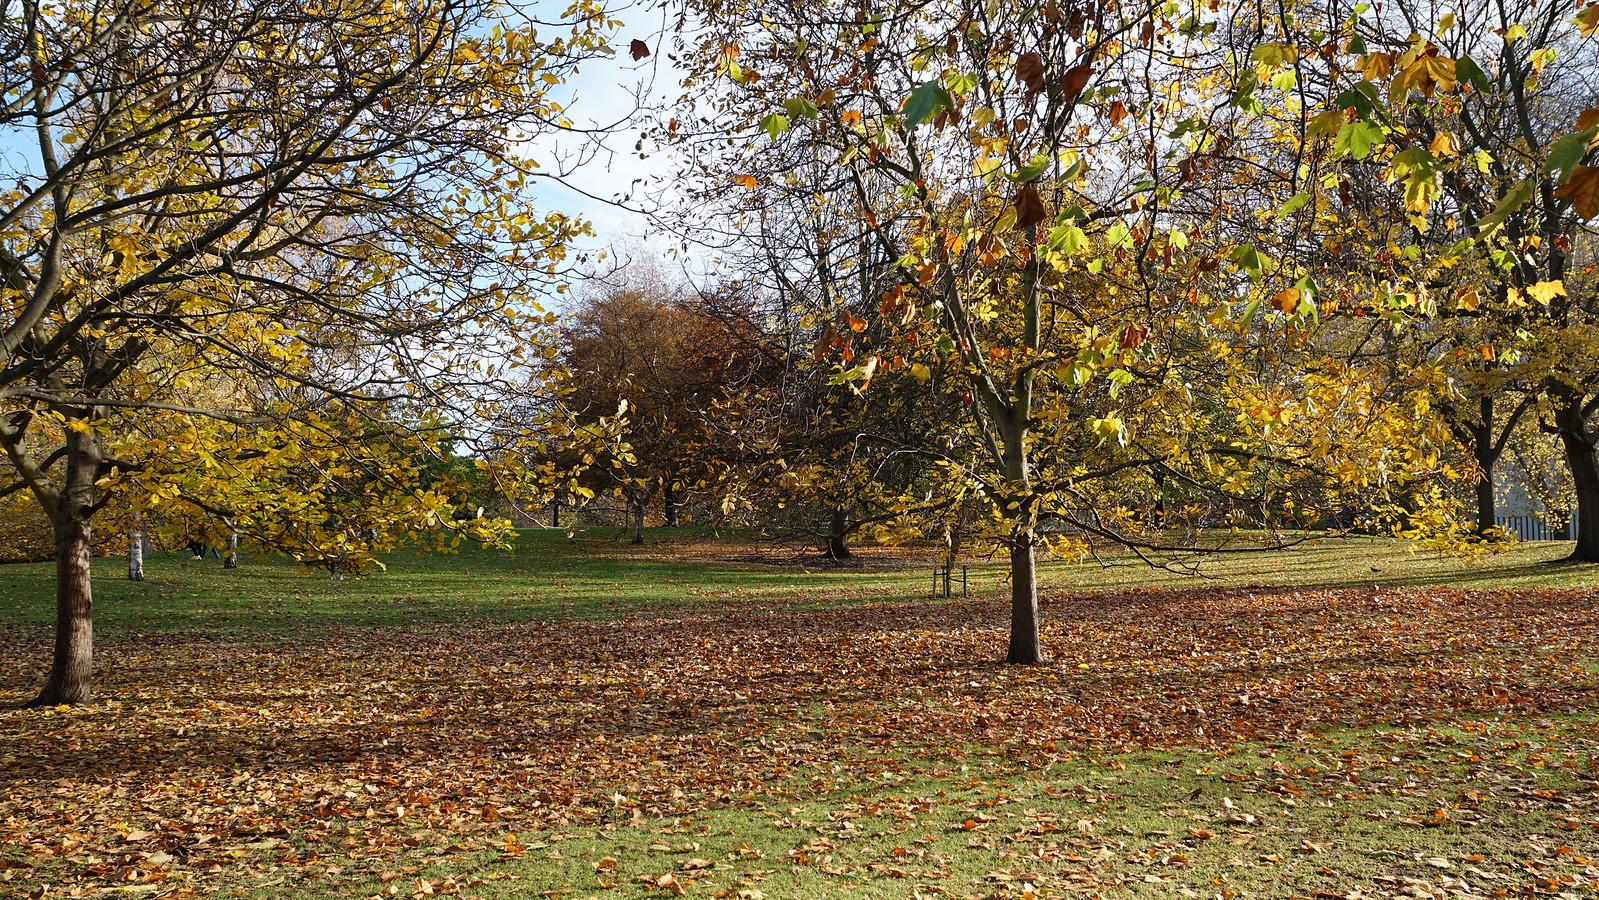 Londres por partes (I) en Nuestros reportajes40104530922_7b124ddcb2_h